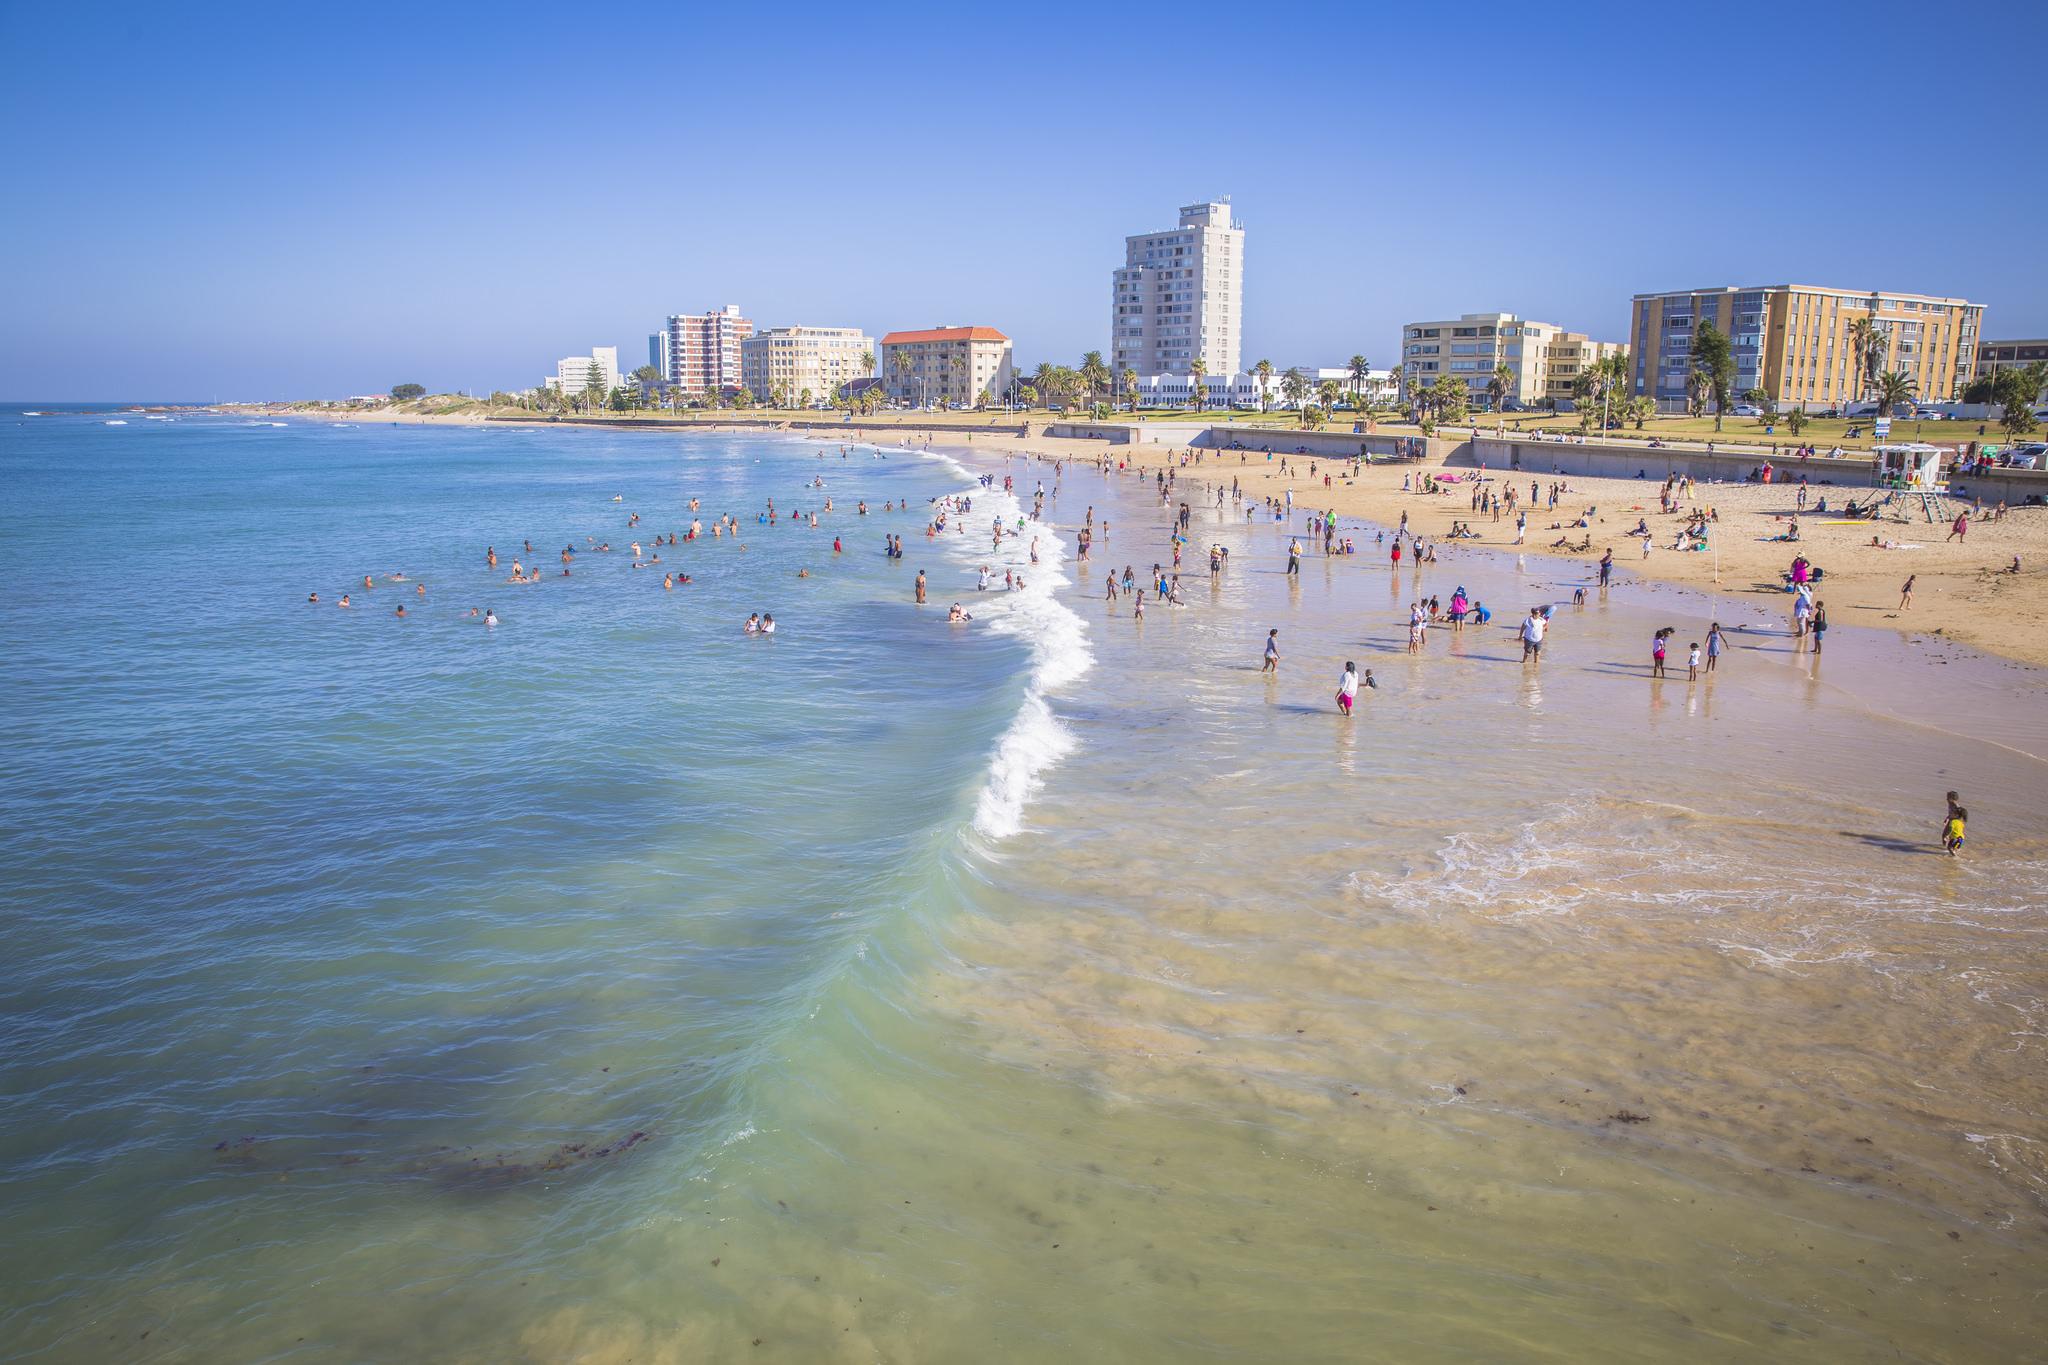 Olha a praia em Port Elizabeth!